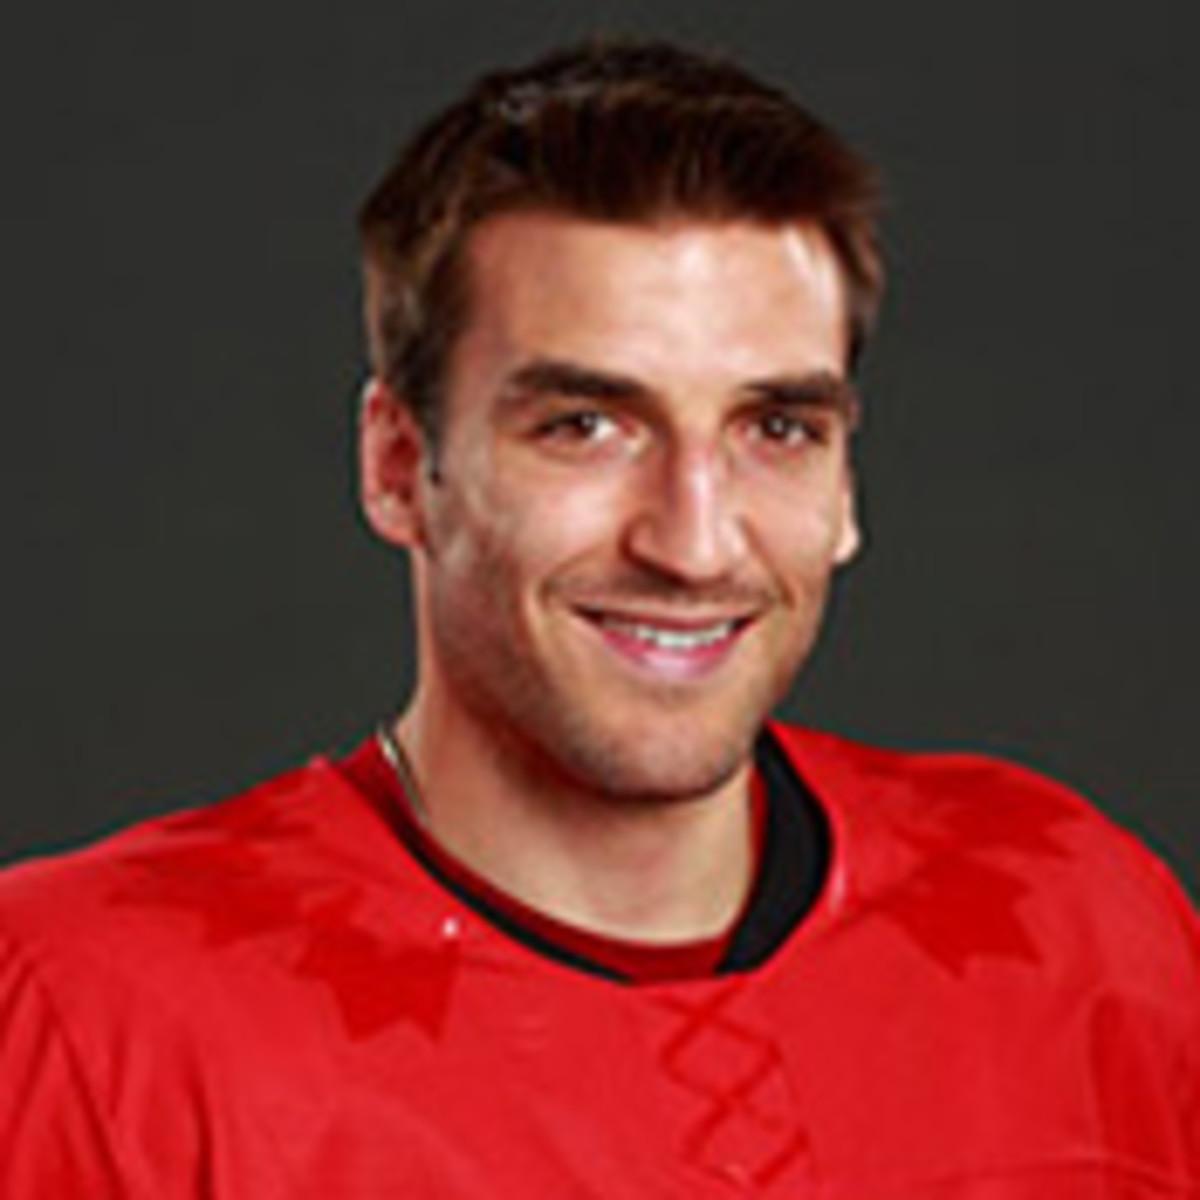 2014 canada men's hockey olympics patrice bergeron